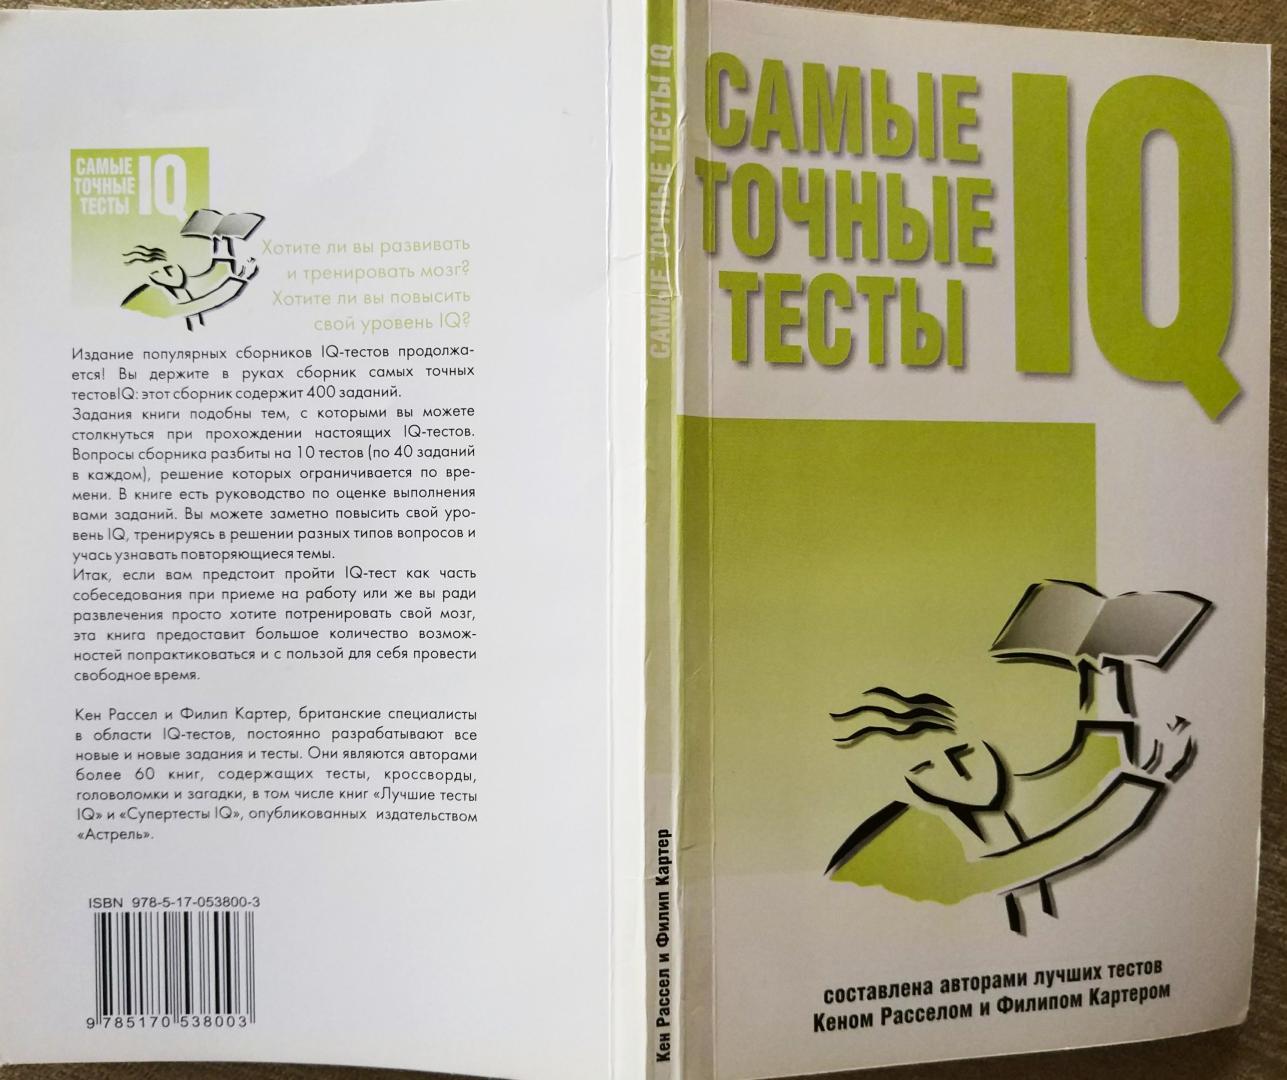 Иллюстрация 2 из 8 для Самые точные тесты IQ - Картер, Рассел | Лабиринт - книги. Источник: Ершова  Надежда Борисовна